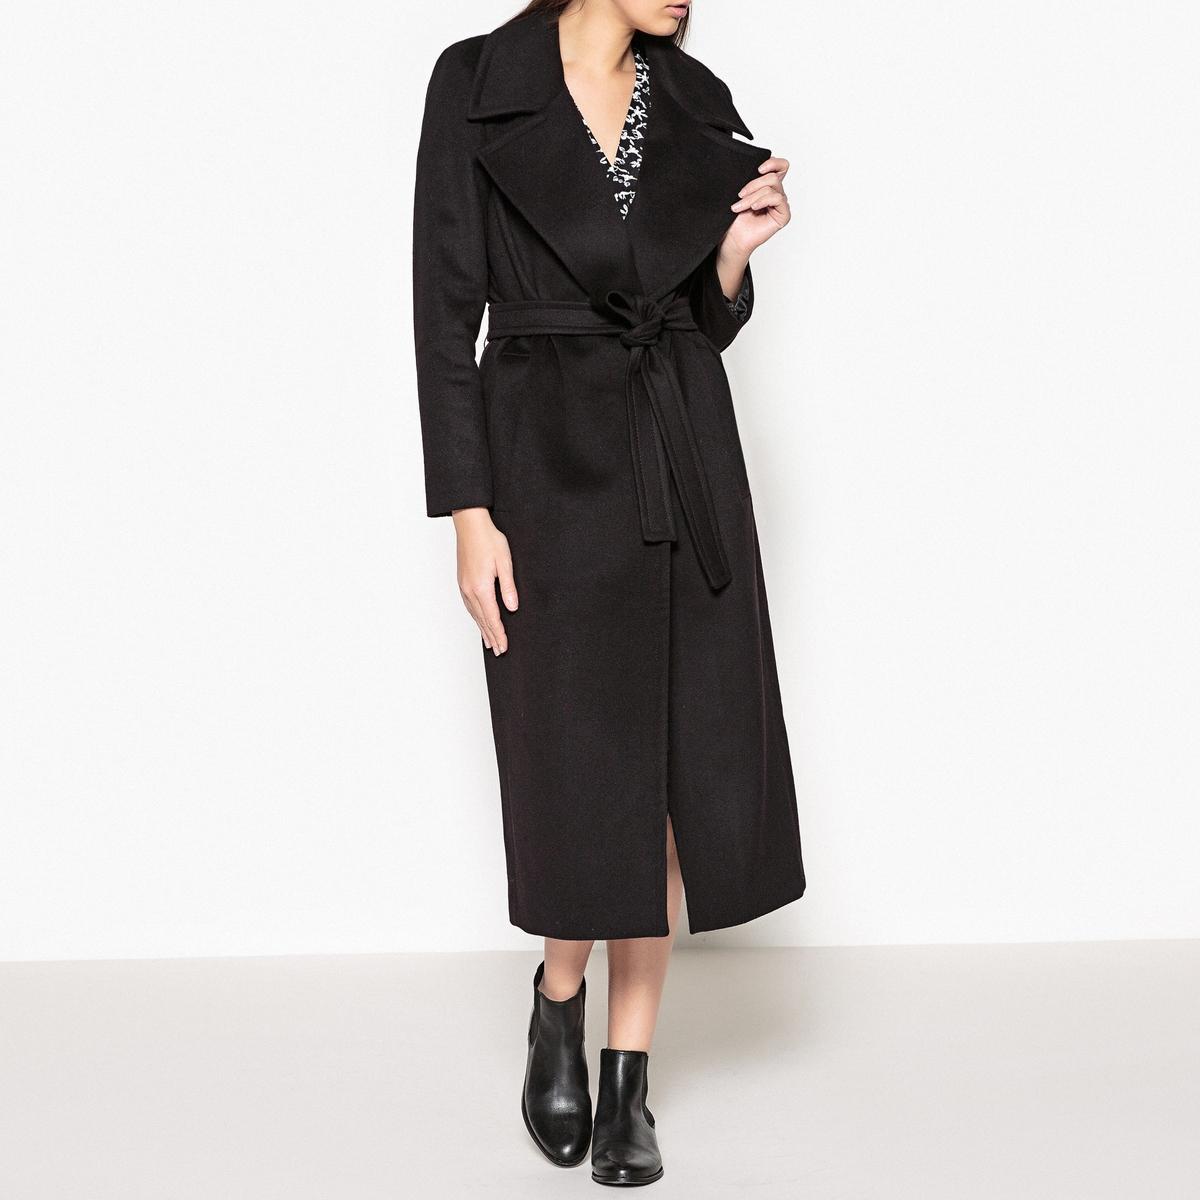 Пальто с большиим воротником и поясом CARMEN пальто двухцветное с поясом 70% шерсти